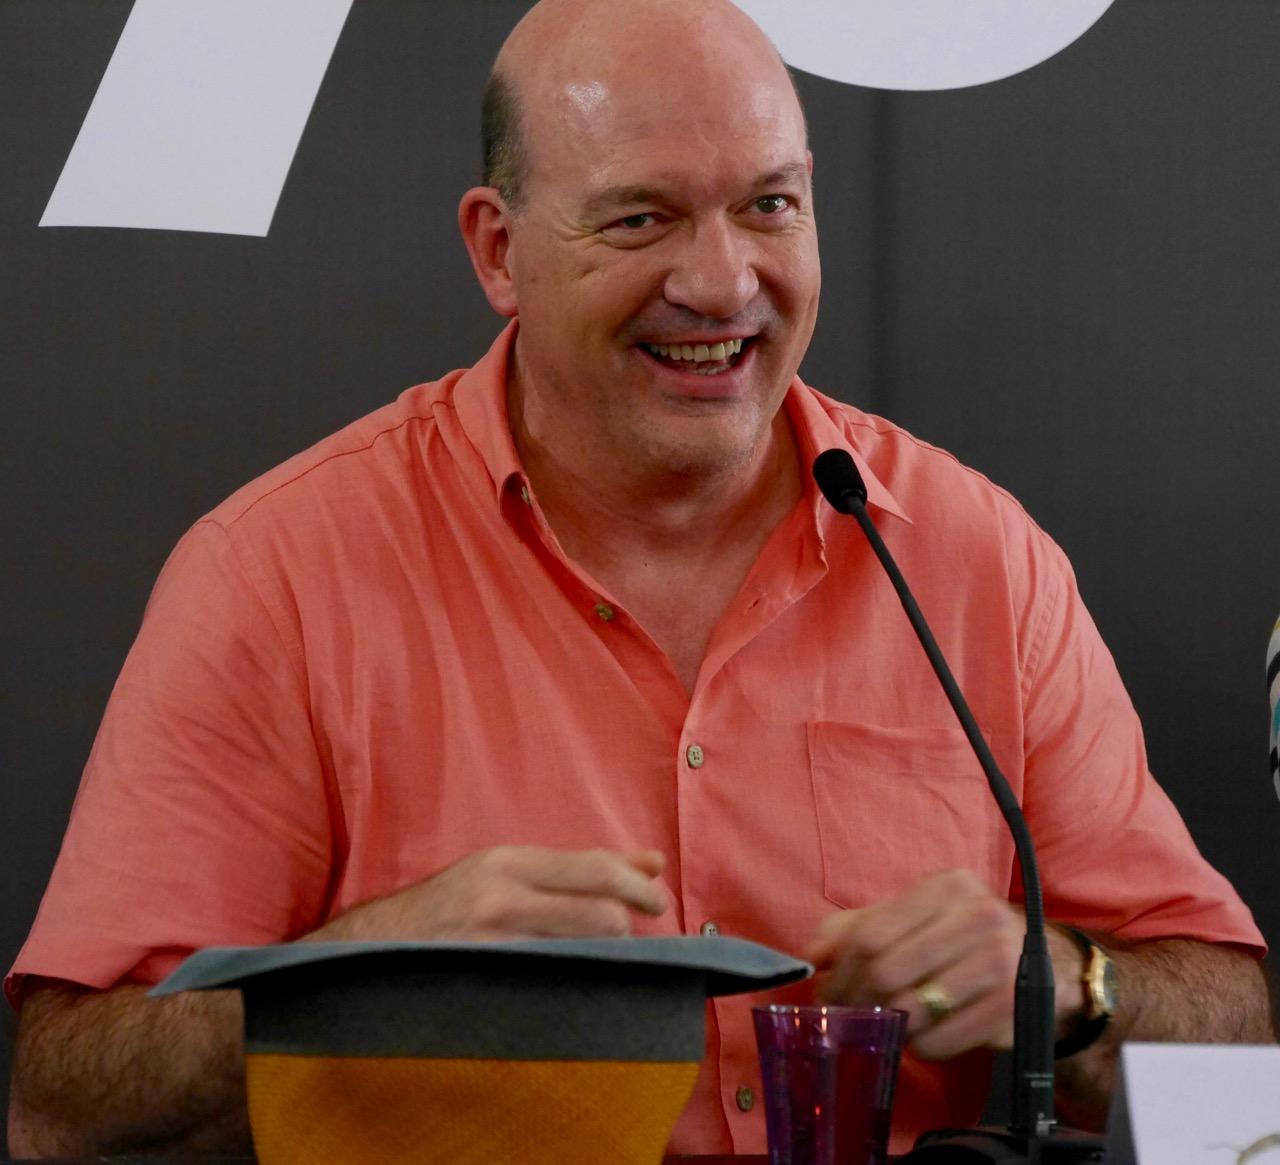 Lycky: John Carroll Lynch in conferenza a Locarno